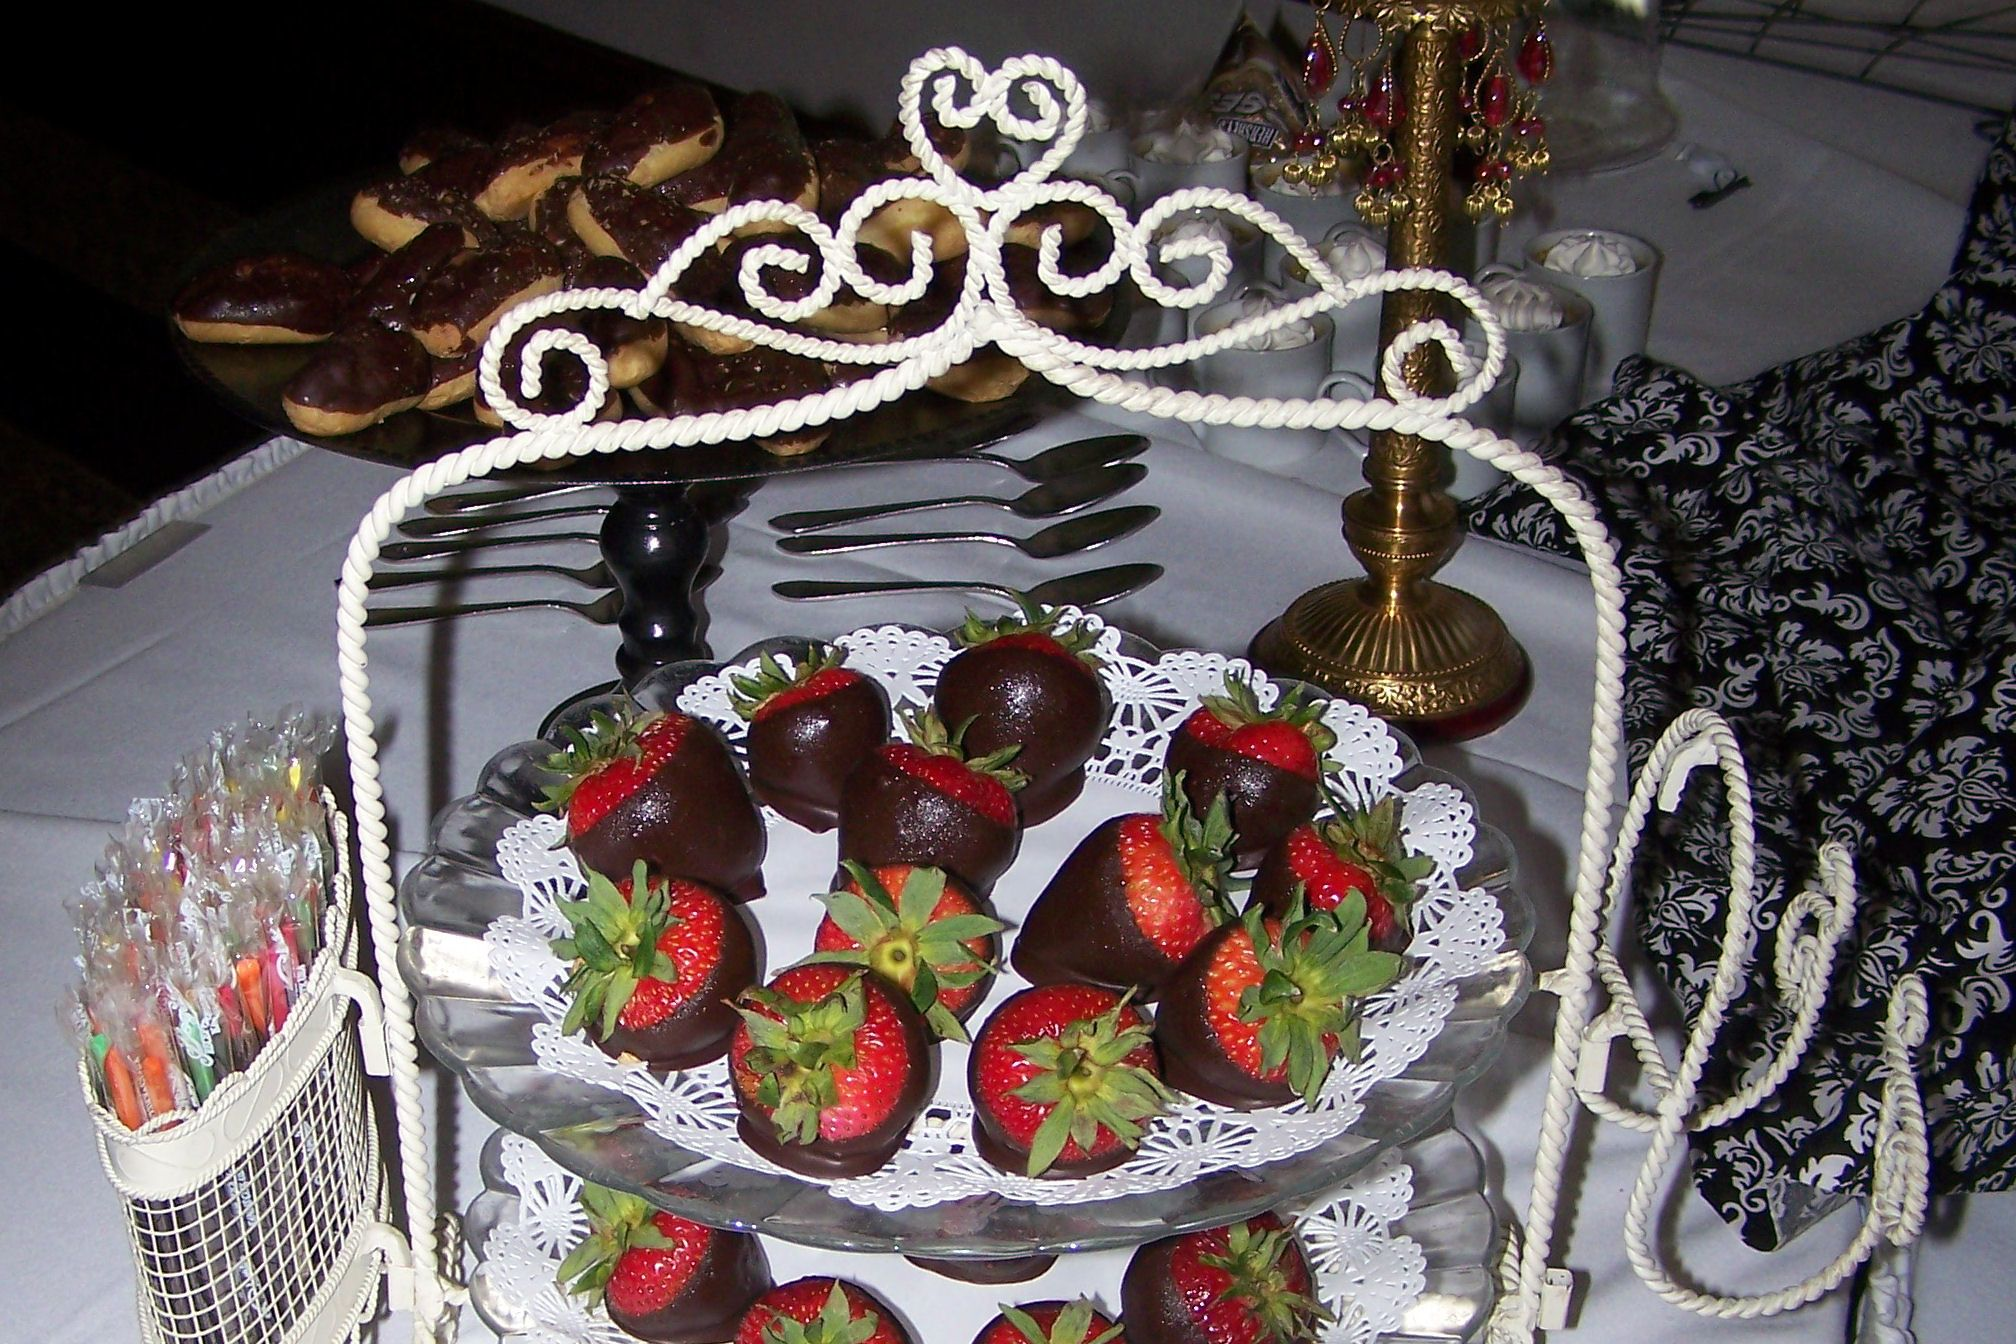 Moulin Rouge dessert as part of dessert buffet